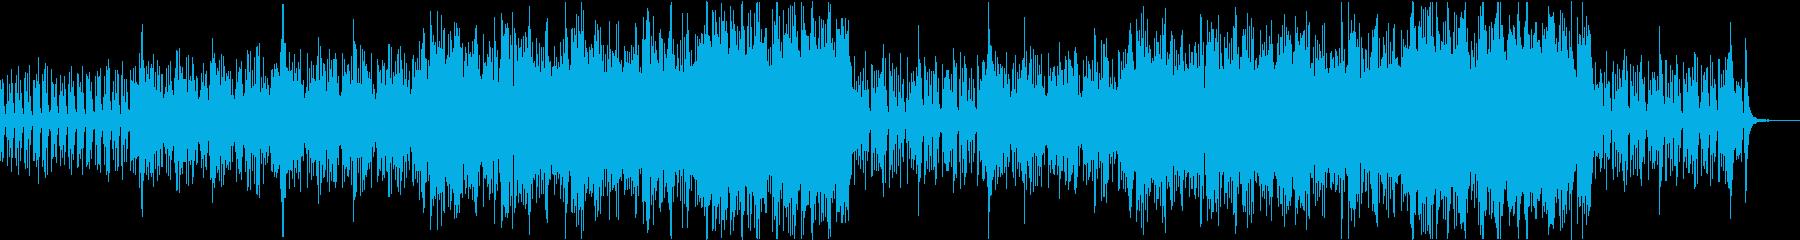 クラリネット&フルートのオーケストラの再生済みの波形